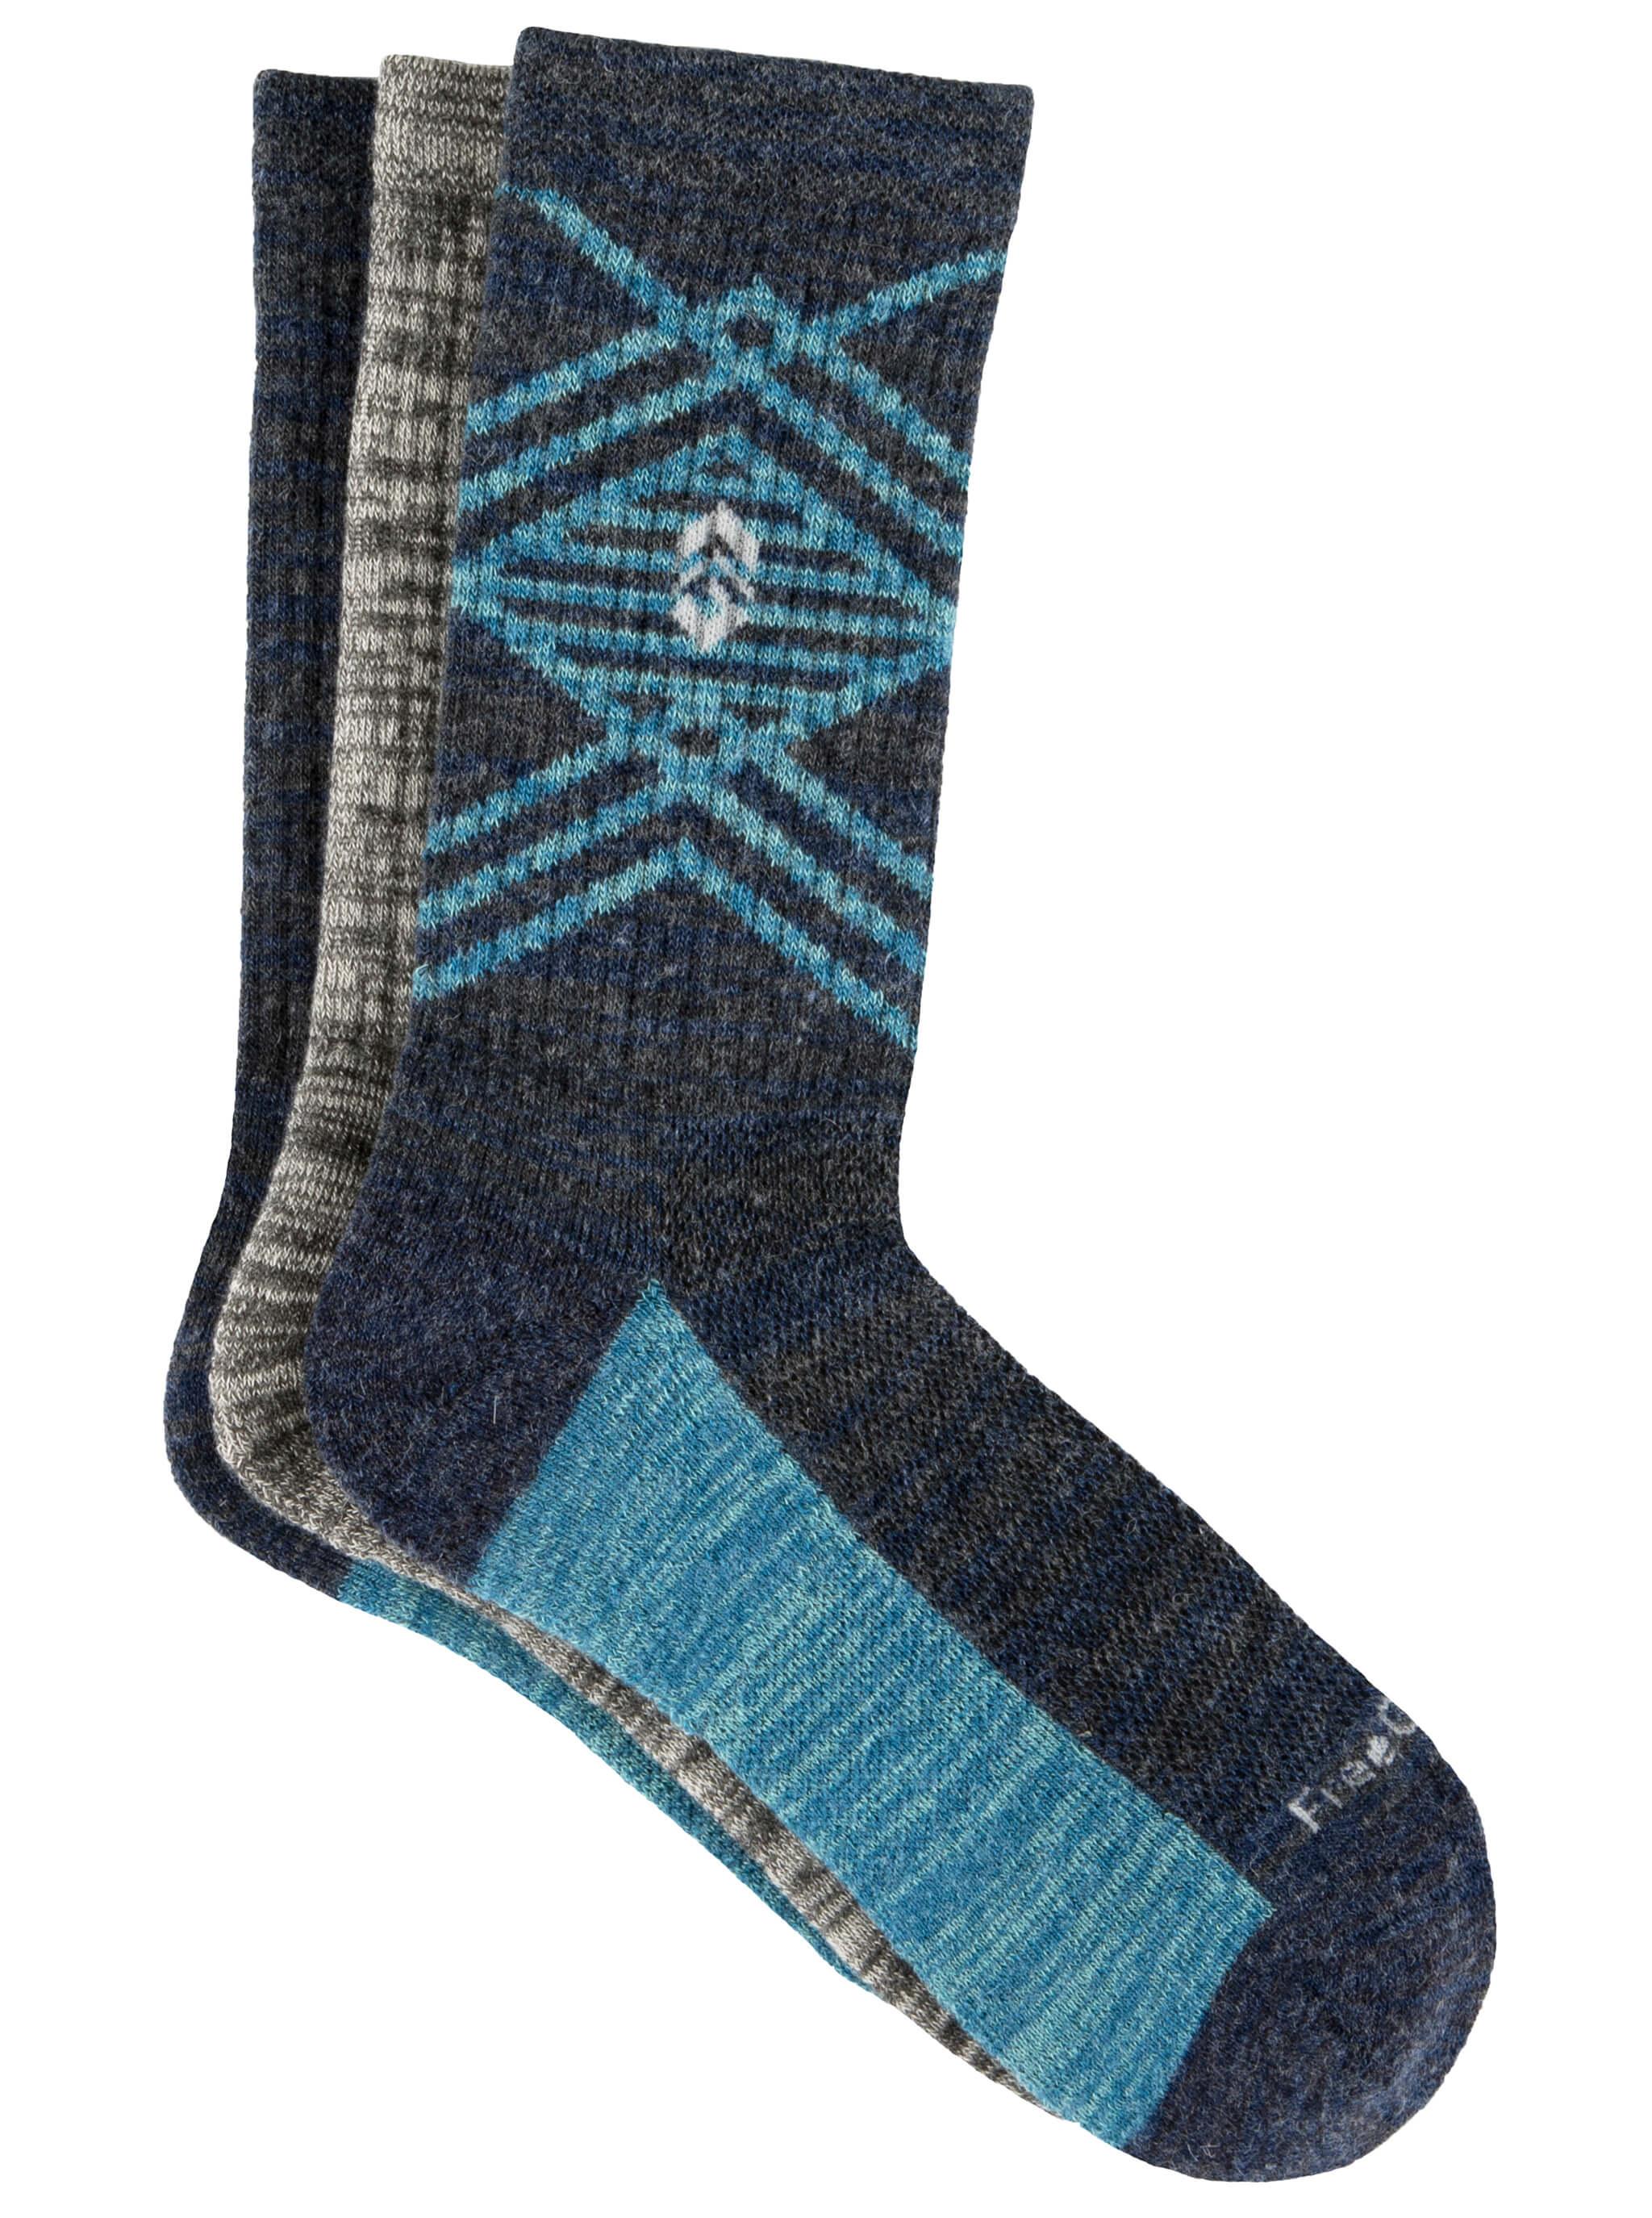 Women's Wool-Blend Pop Marl Crew Socks